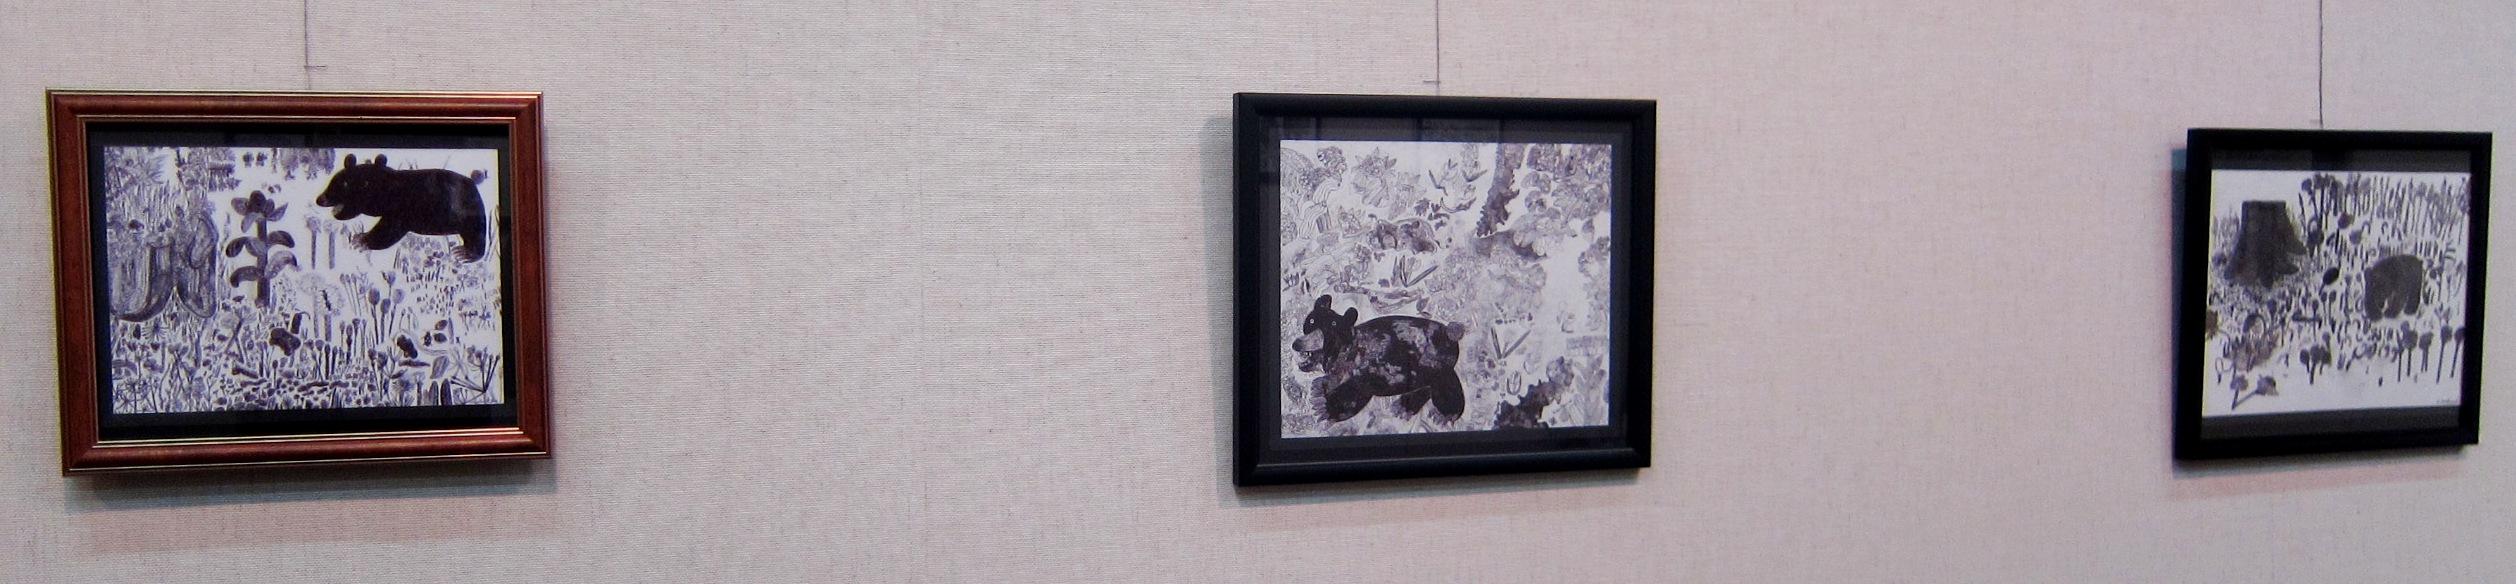 2163) 「鈴木麻衣子ボールペン画展 『クマと森』」 時計台 8月19日(月)~8月24日(土)   _f0126829_12485744.jpg